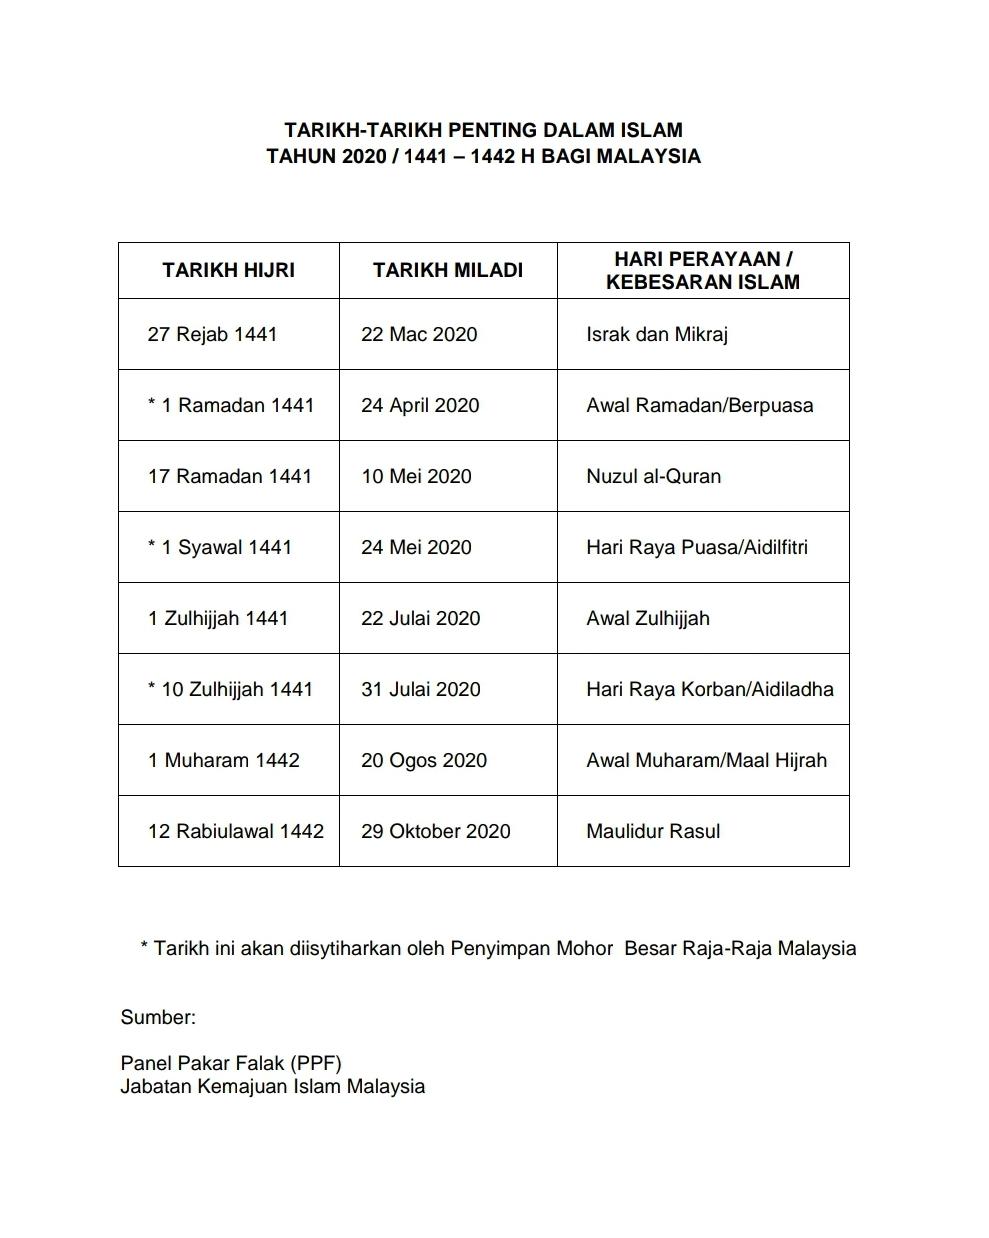 Malaysia Tarikh Tarikh Penting Dalam Islam Tahun 2020 1441 1442 Hijrah Bagi Malaysia Pulau Tioman Kota Kinabalu Ipoh